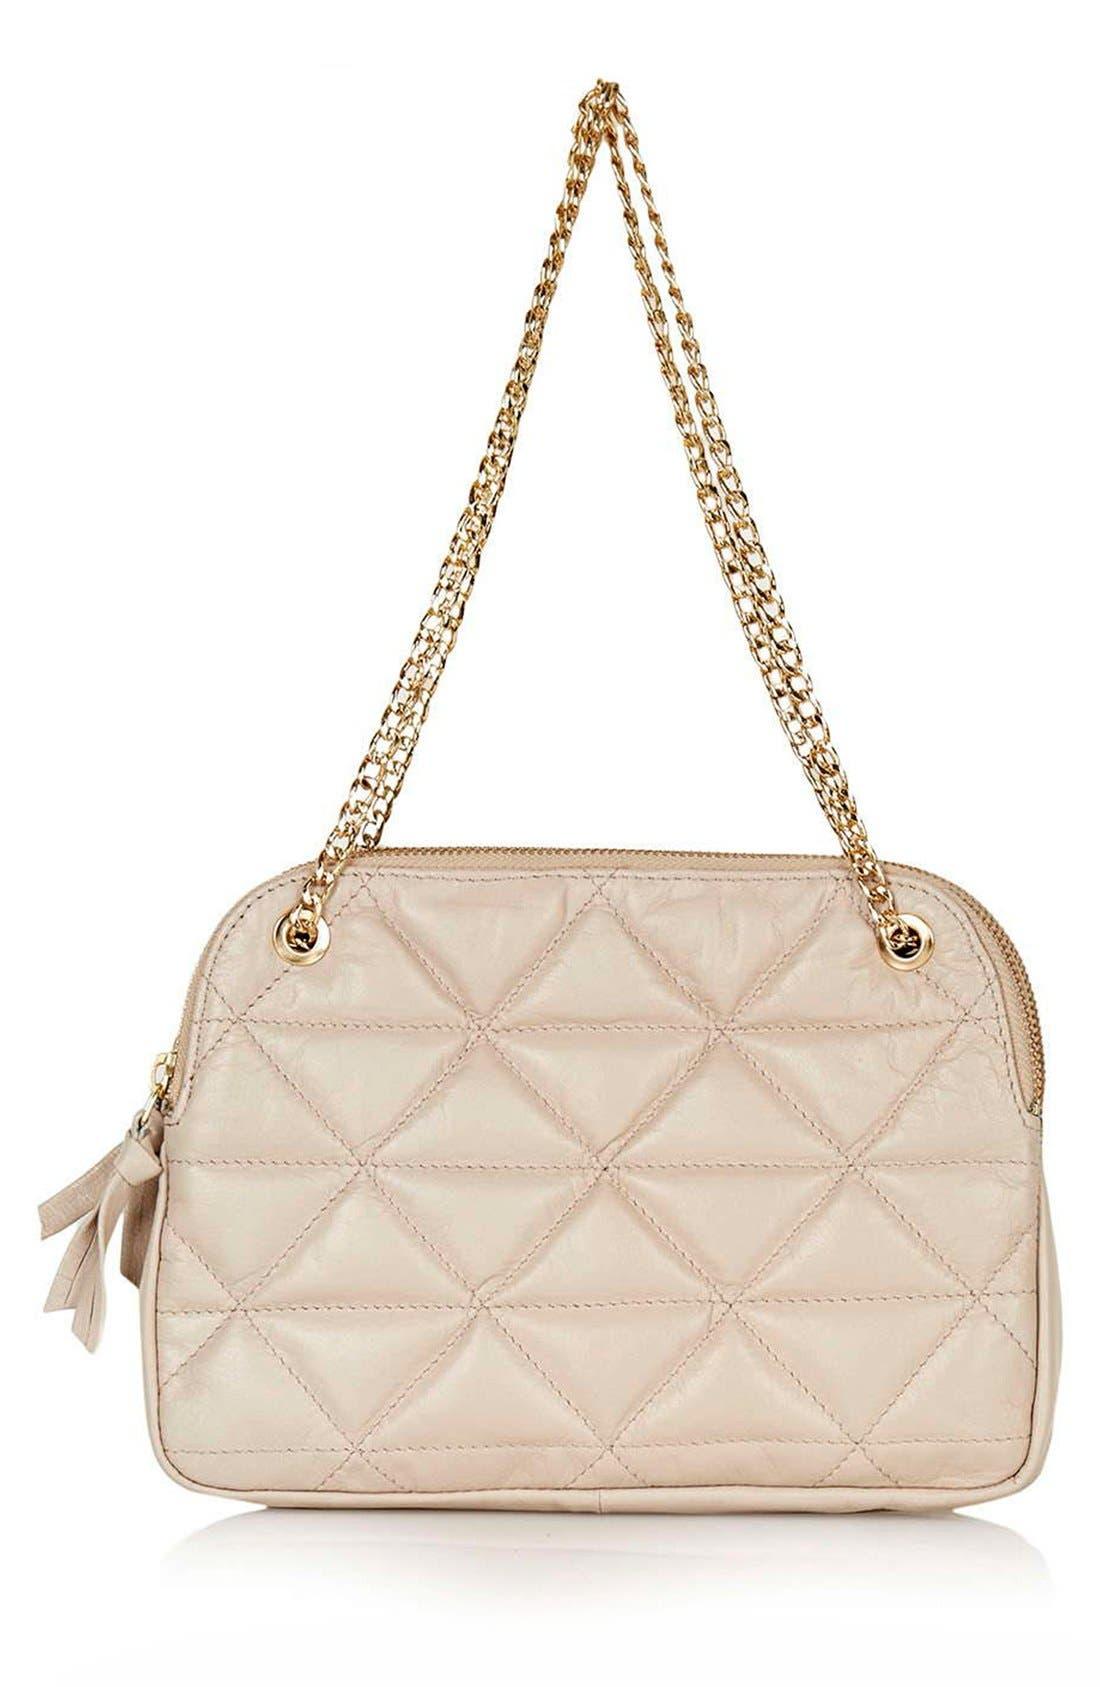 Alternate Image 1 Selected - Topshop Quilted Leather Shoulder Bag